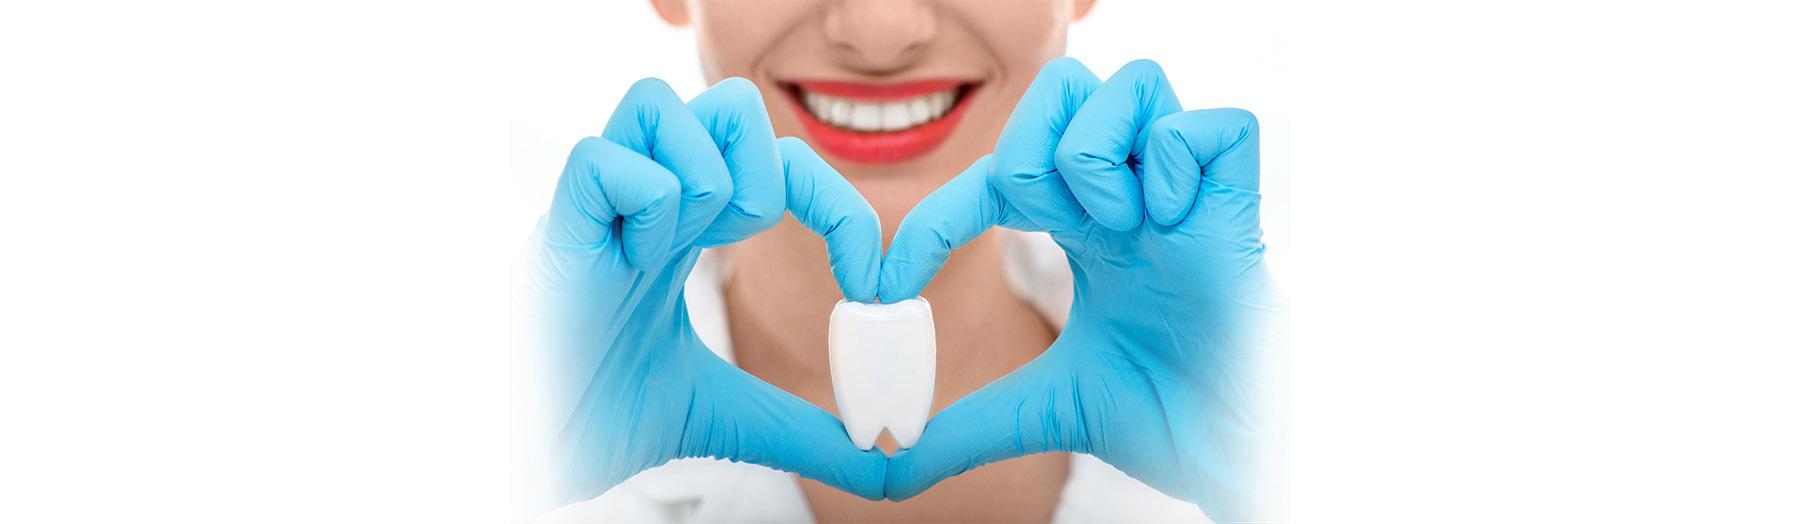 entfernt ein oralchirurg implantate